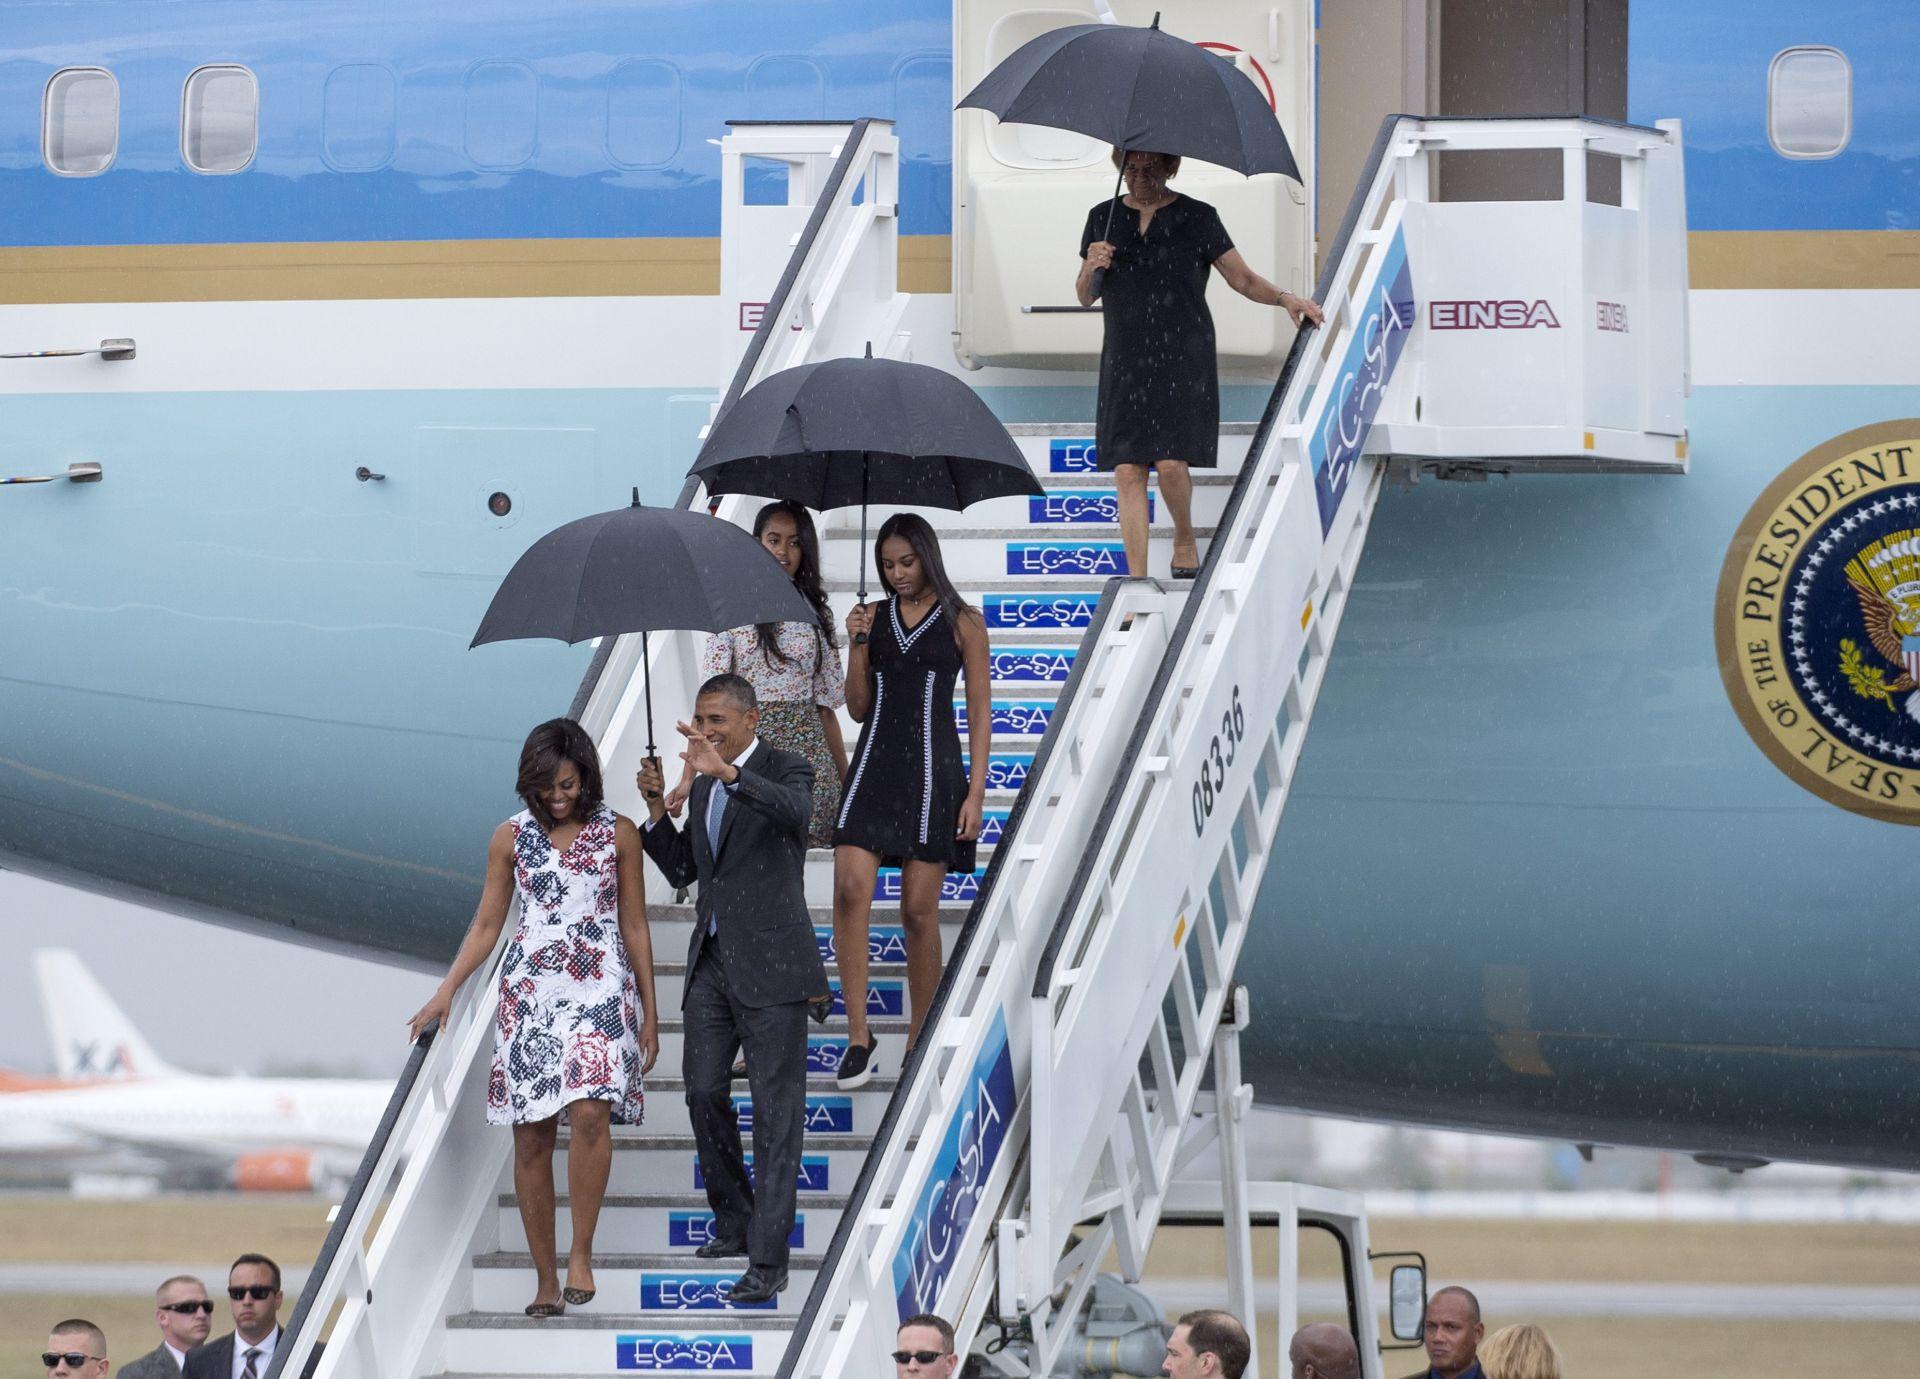 POVIJESNI POSJET: Barack Obama stigao na Kubu